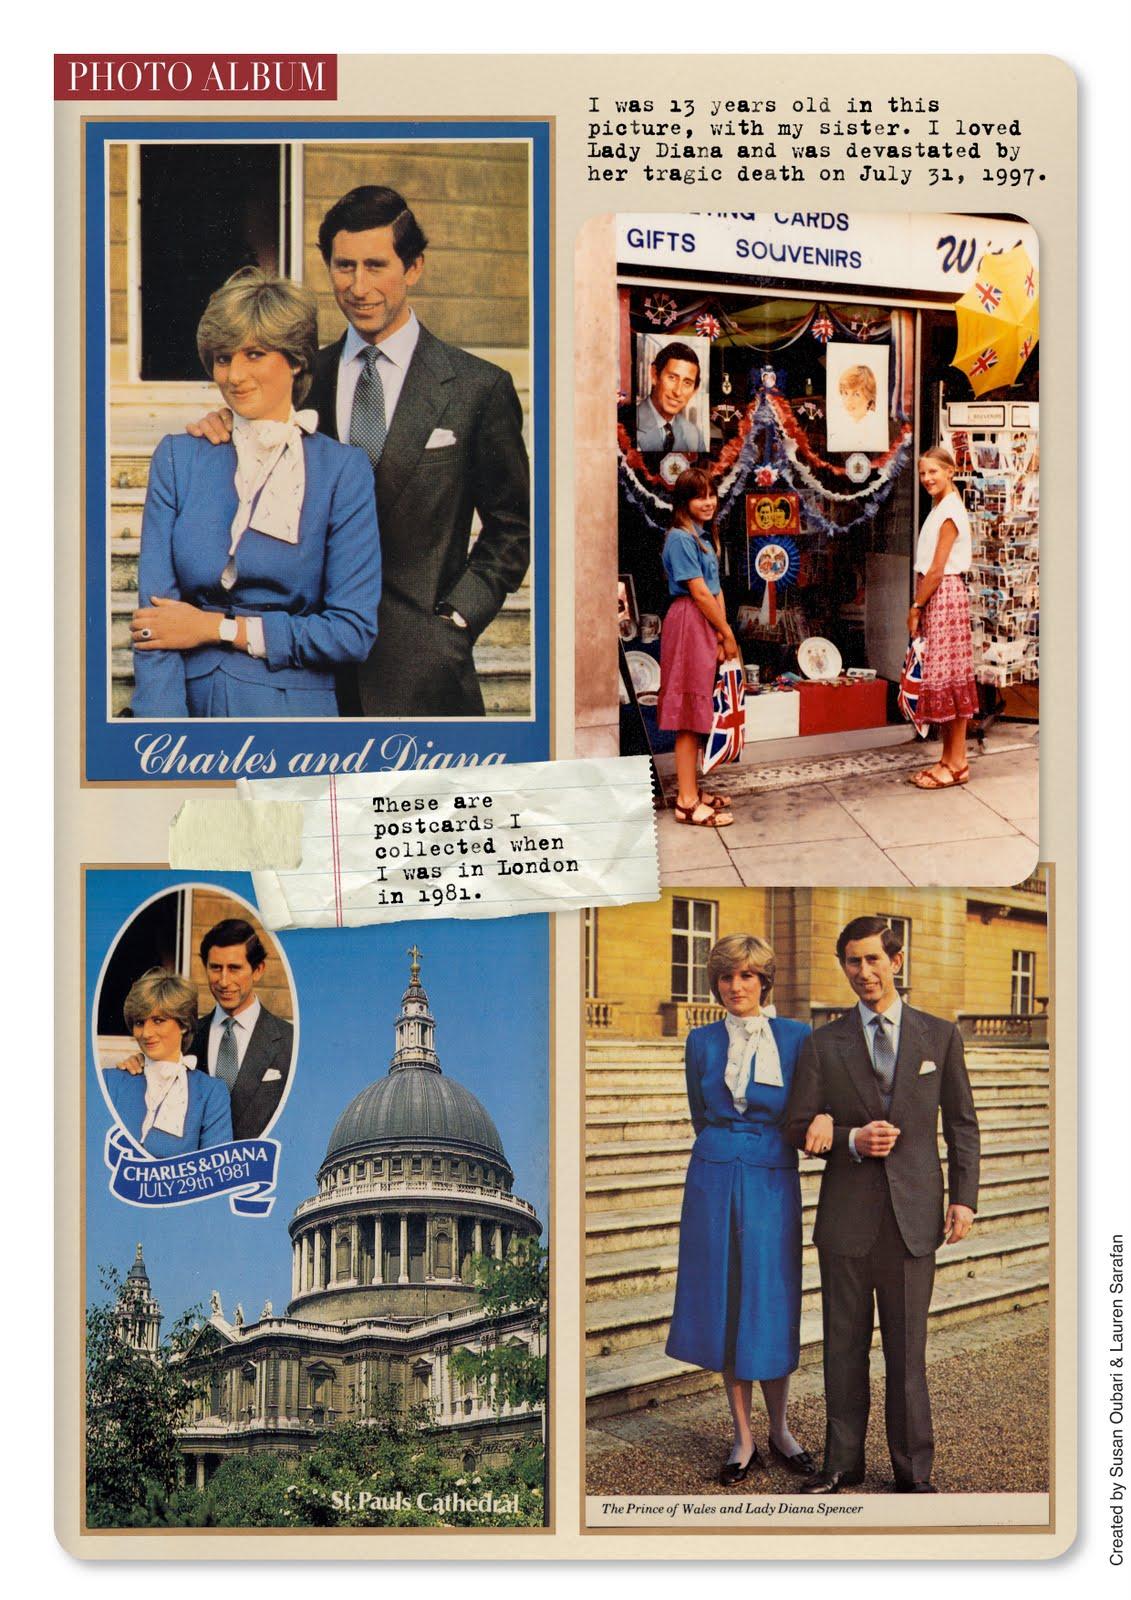 http://4.bp.blogspot.com/-MGhIkRAsbDQ/TbRqUqV71GI/AAAAAAAAAMY/FSk7n0I-xWE/s1600/4.Wedding.jpg